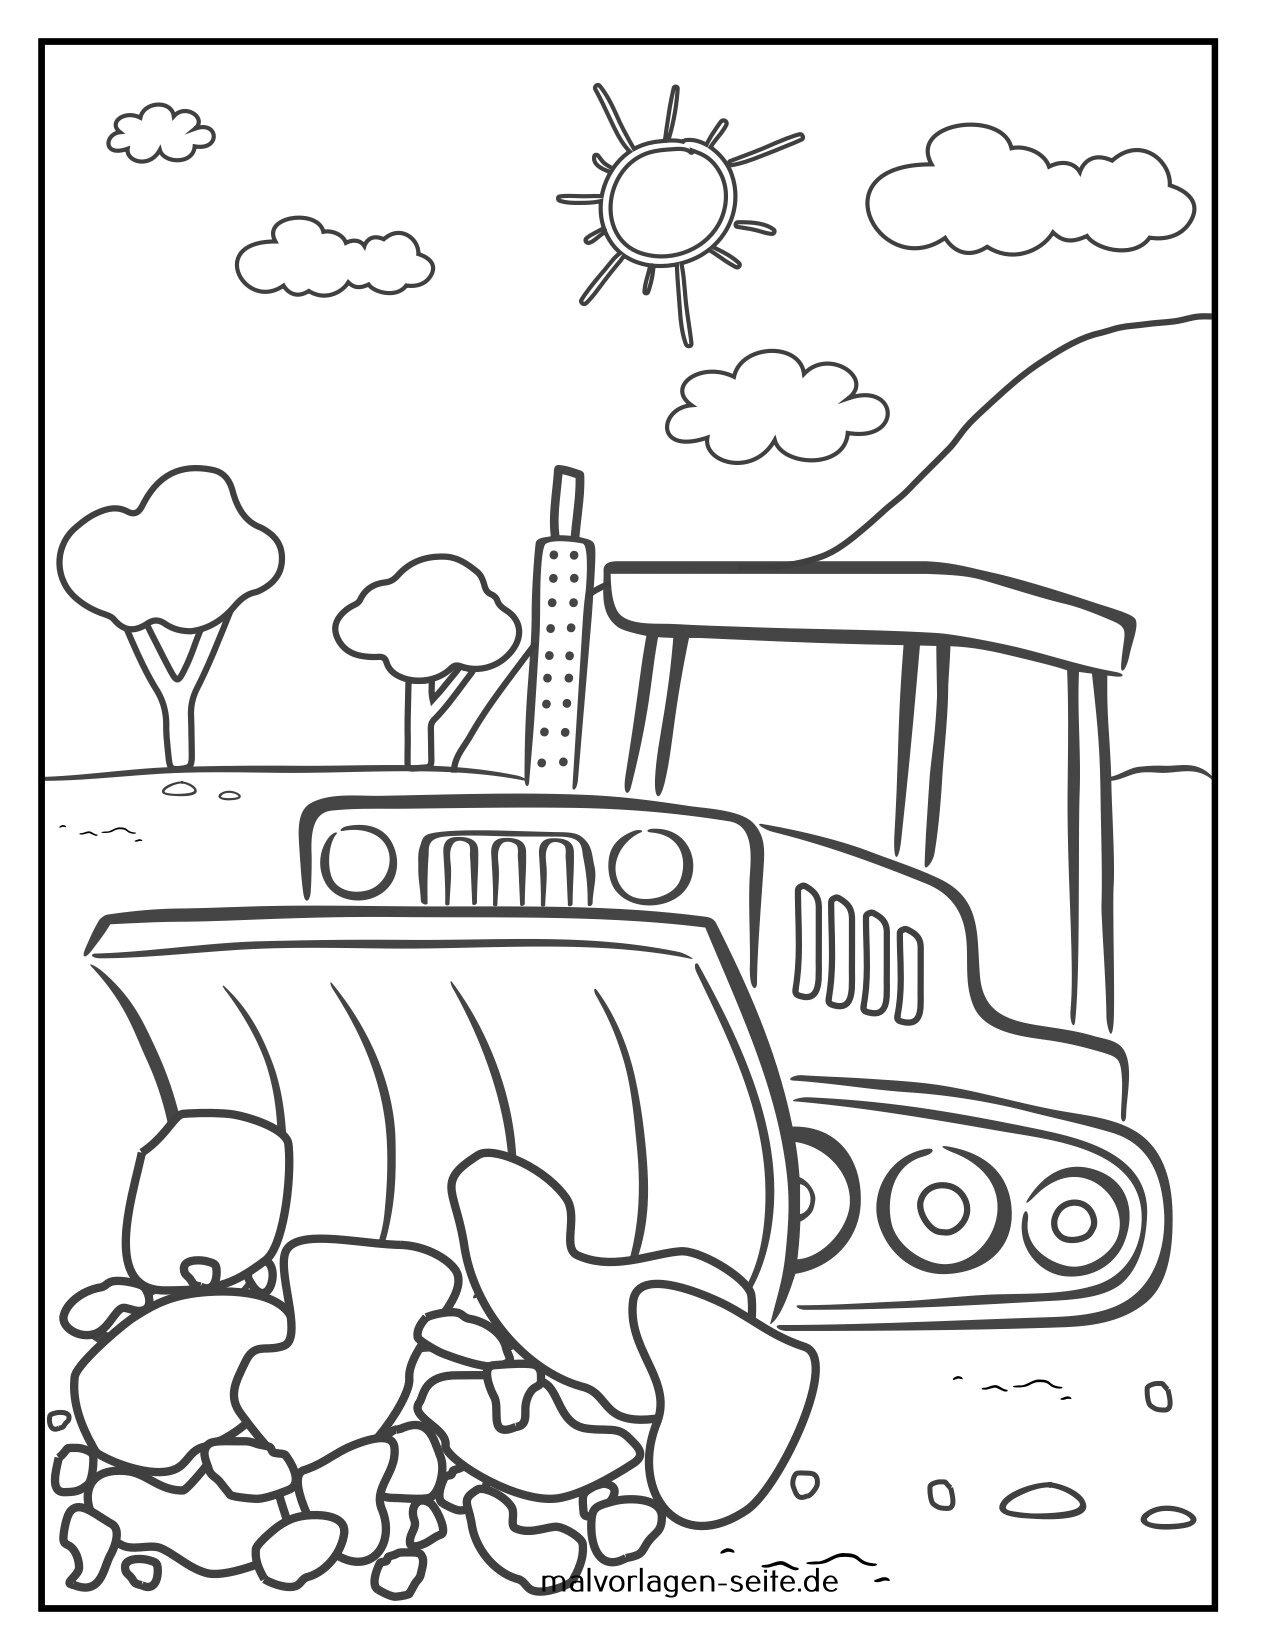 Tolle Malvorlage Planierraupe - Baustellenfahrzeuge - Kostenlose